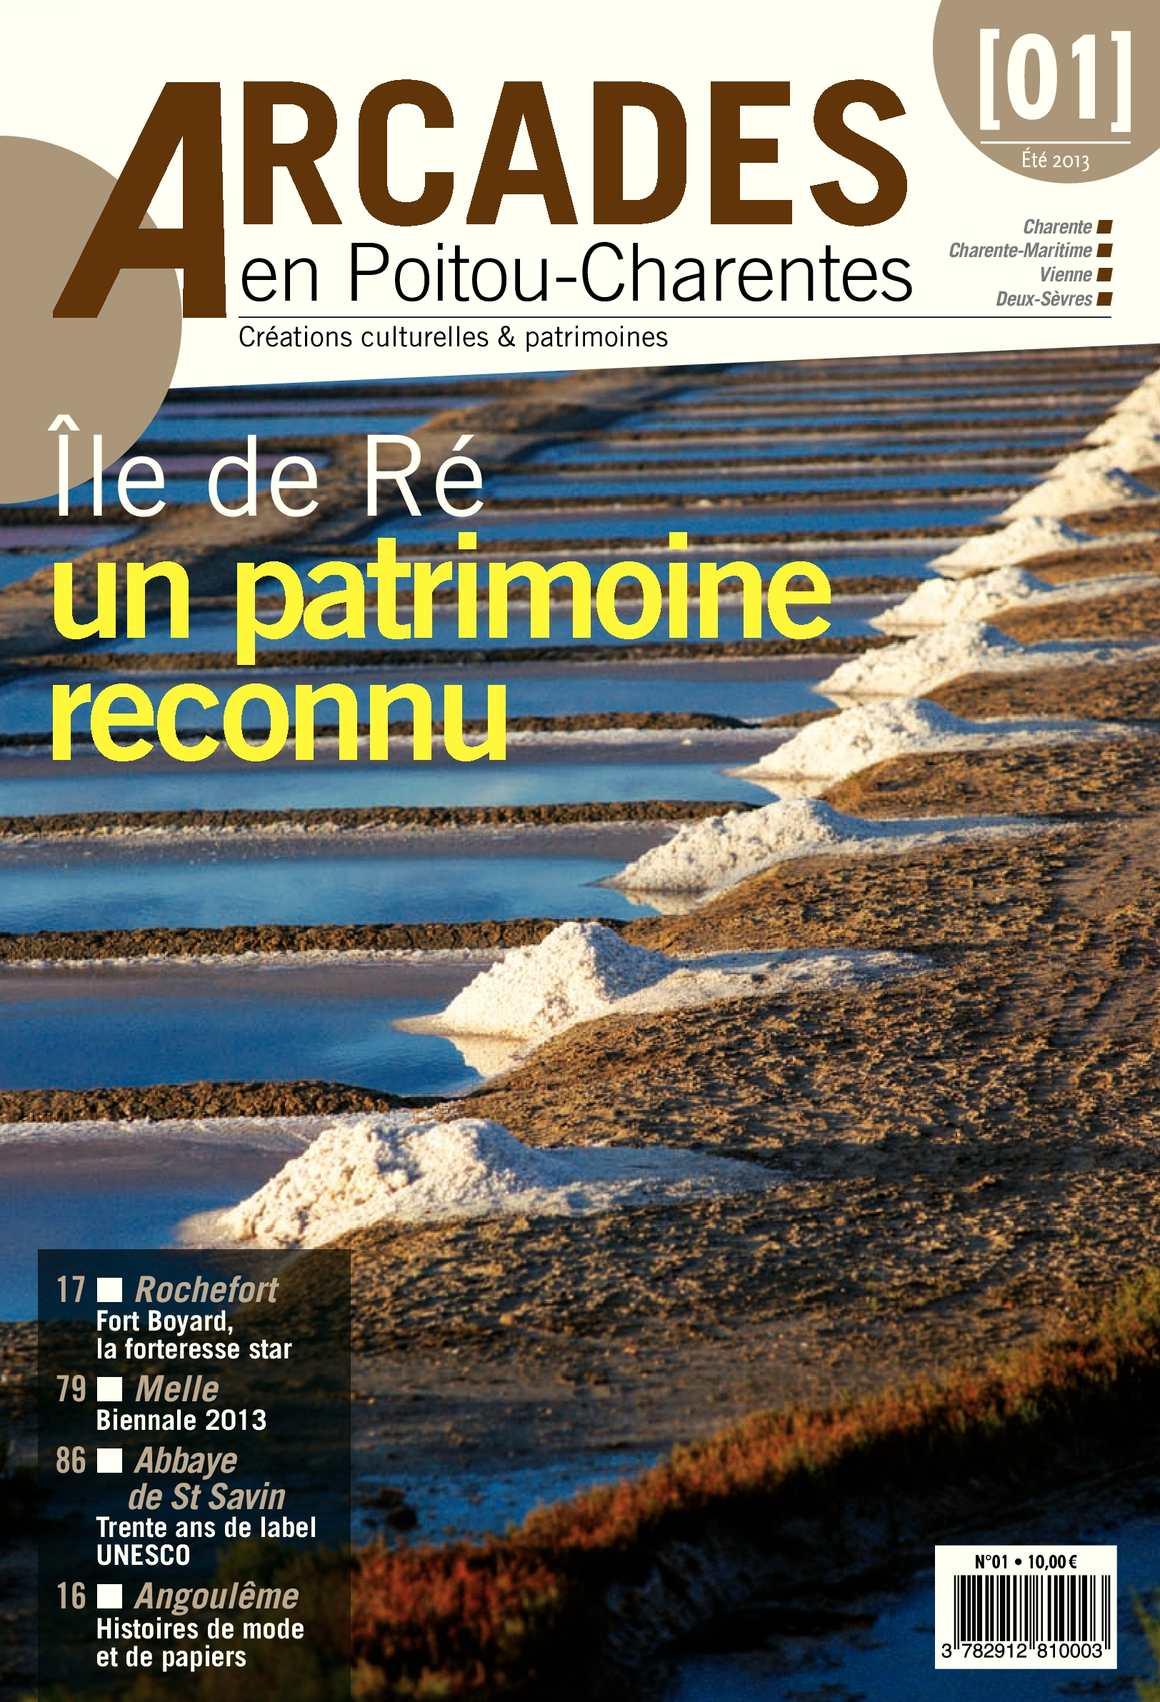 ARCADES en Poitou-Charentes #1